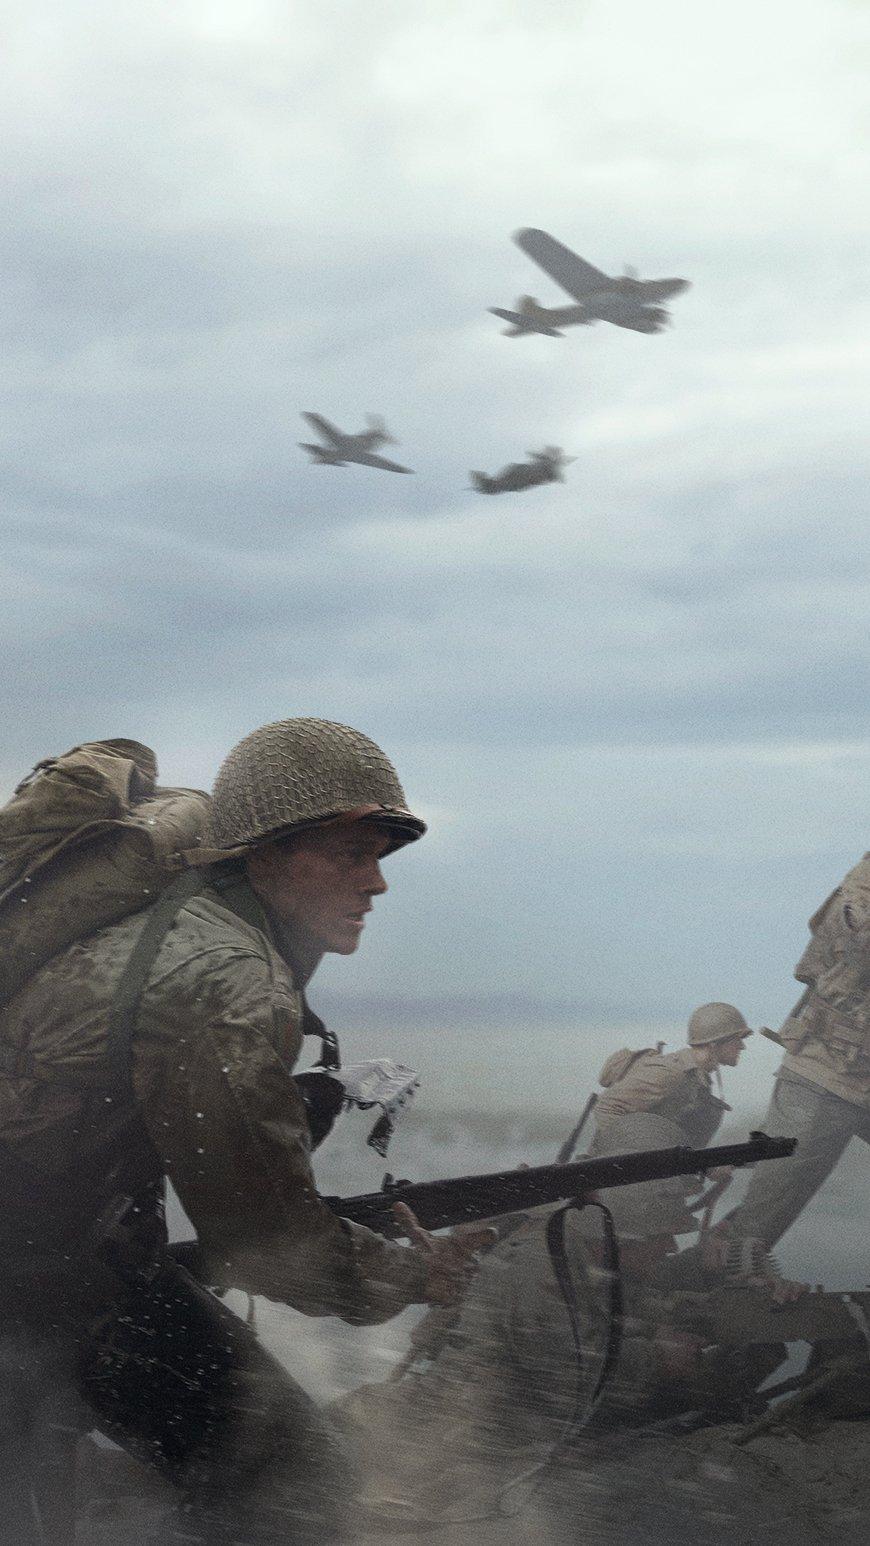 Fondos de pantalla Call Of Duty WW2 Vertical